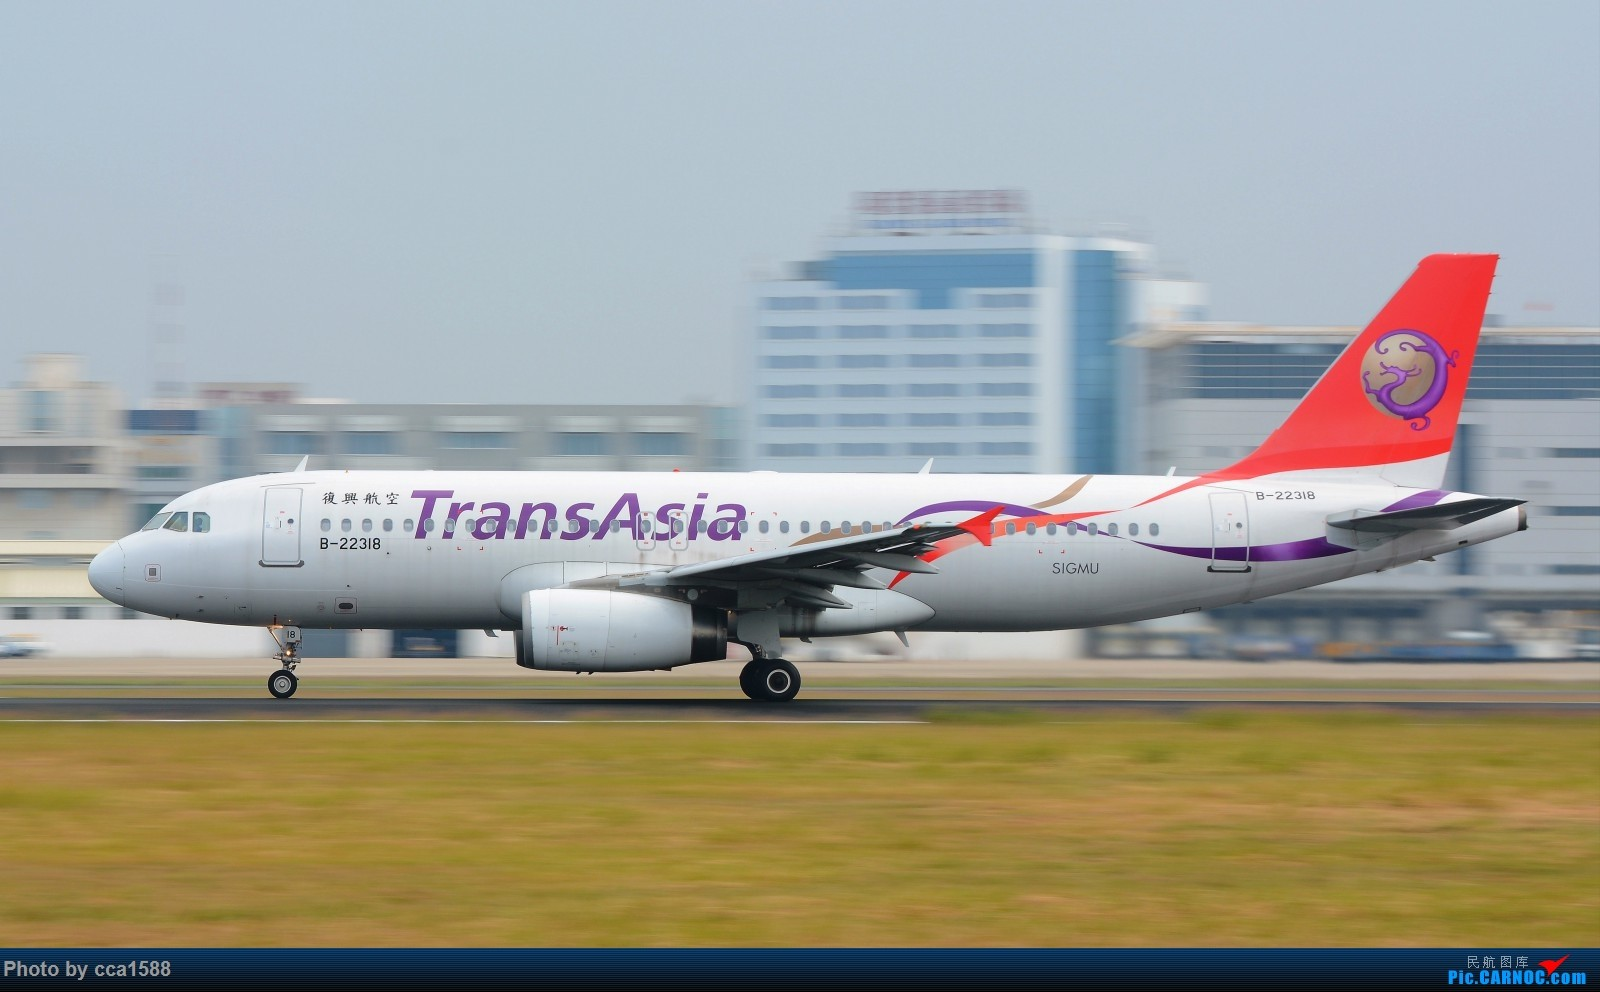 Re:[原创]【福州飞友会】首拍汉莎第一架747-8(厦门的拍机位置真心不好啊) AIRBUS A320-200 B-22318 中国厦门高崎国际机场